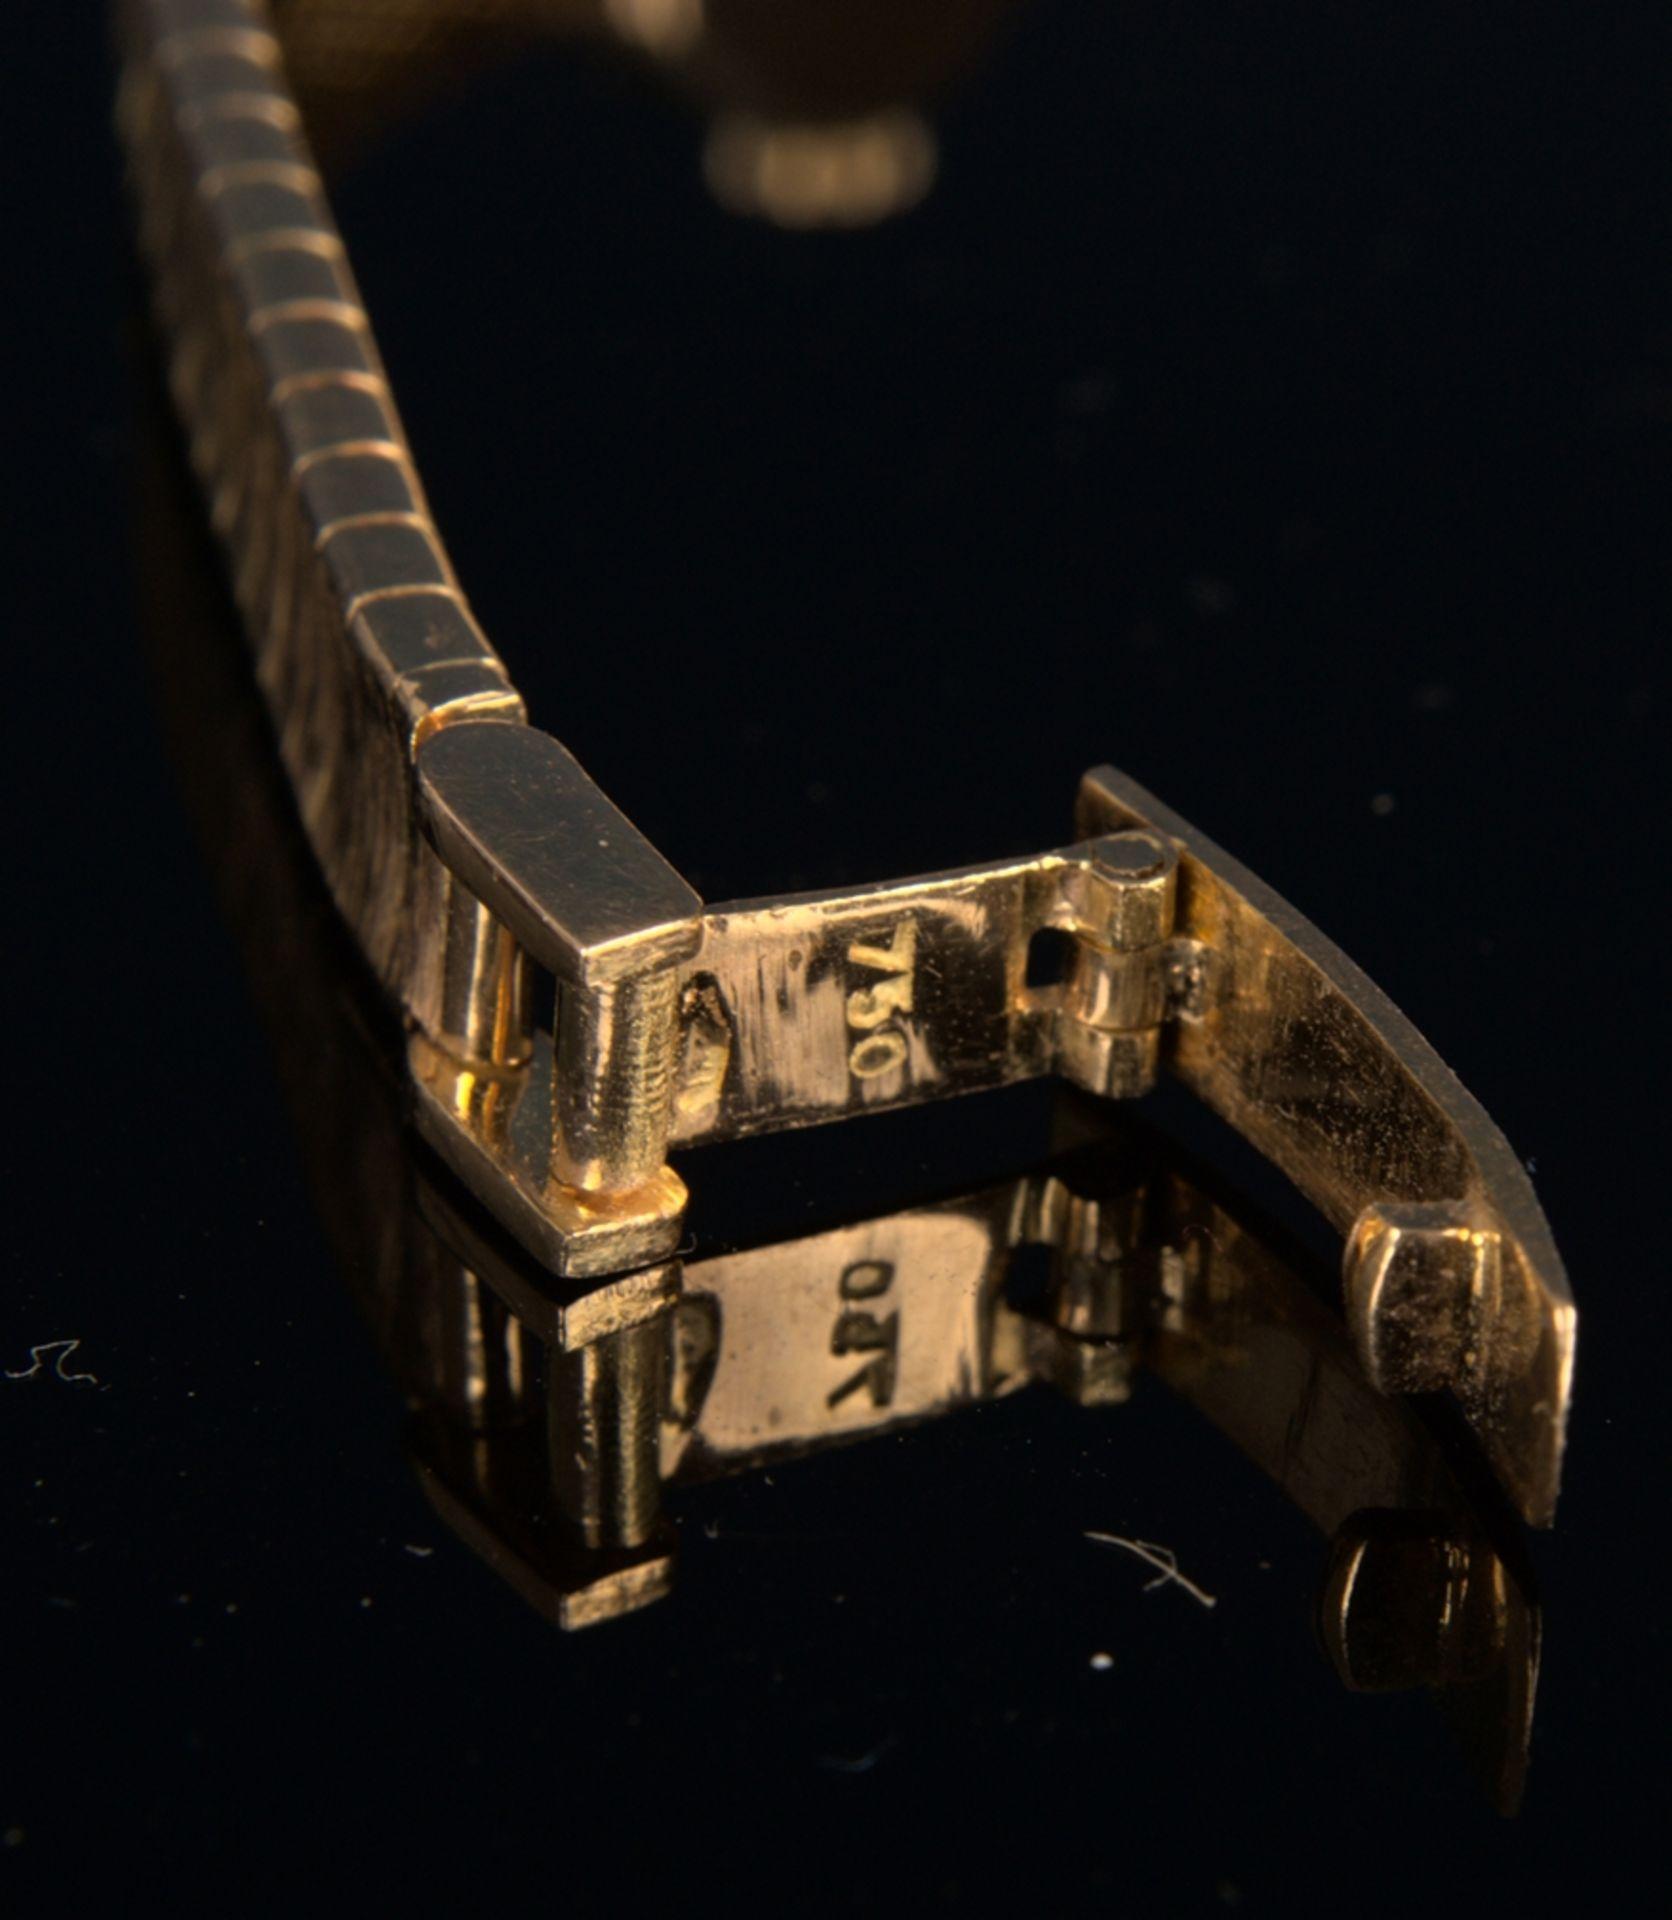 """Schmuckvolle, filigrane """"IPOSA"""" - Damenarmbanduhr, ungeprüftes mechanisches Uhrwerk mit 17 - Bild 6 aus 6"""